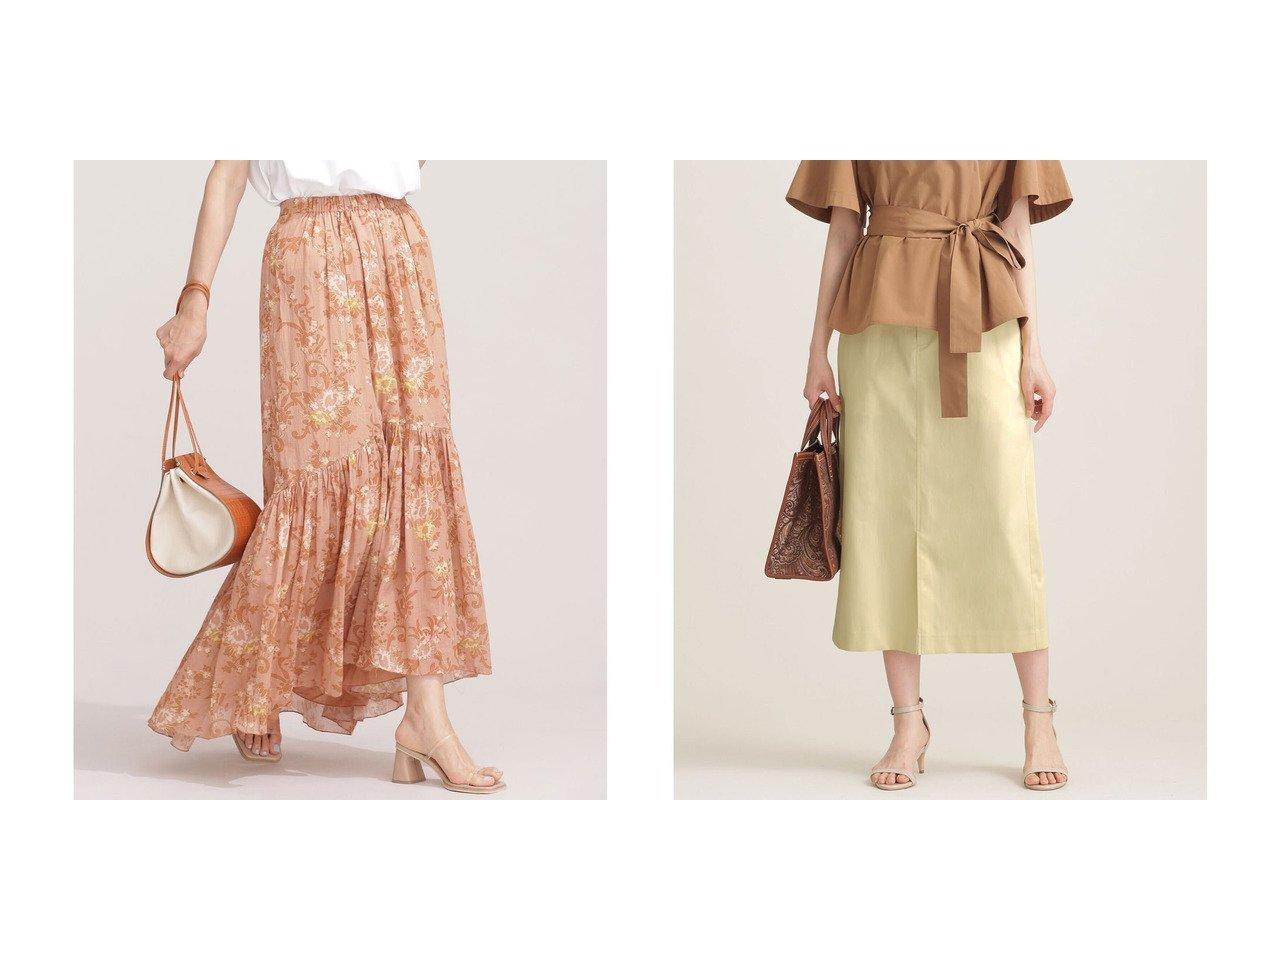 【nano universe/ナノ ユニバース】のサイドパーツ付きスカート&花柄ティアードスカート 【スカート】おすすめ!人気、トレンド・レディースファッションの通販 おすすめで人気の流行・トレンド、ファッションの通販商品 インテリア・家具・メンズファッション・キッズファッション・レディースファッション・服の通販 founy(ファニー) https://founy.com/ ファッション Fashion レディースファッション WOMEN スカート Skirt ティアードスカート Tiered Skirts ウォッシャブル 春 Spring シンプル スリット 2021年 2021 S/S・春夏 SS・Spring/Summer 2021春夏・S/S SS/Spring/Summer/2021 夏 Summer お家時間・ステイホーム Home Time/Stay Home インド ティアード ティアードスカート フェミニン フラワー プリント マキシ リラックス ロング |ID:crp329100000049405